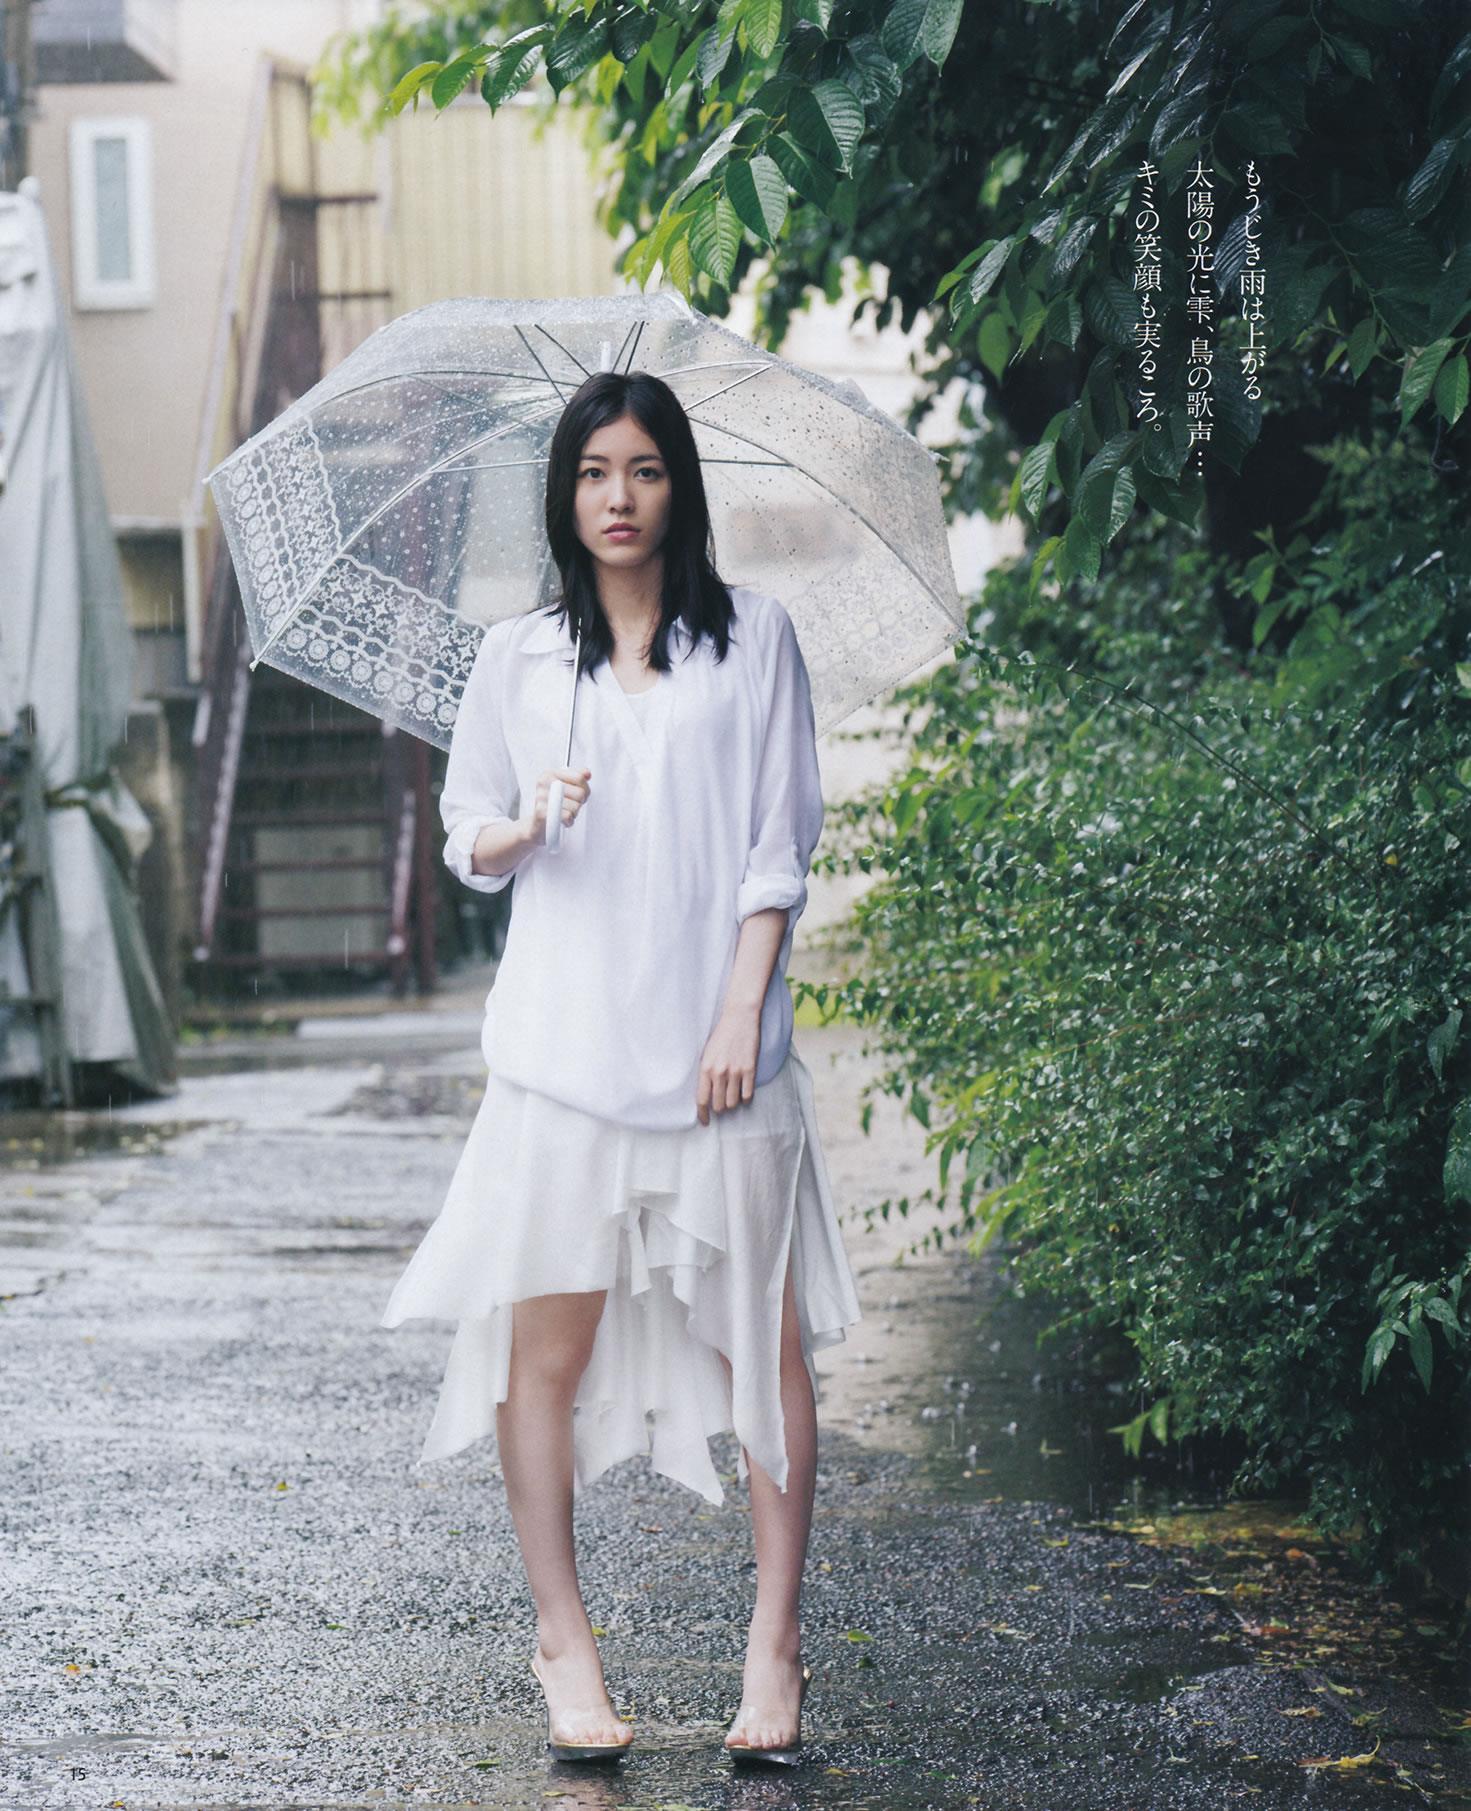 松井珠理奈 画像 35